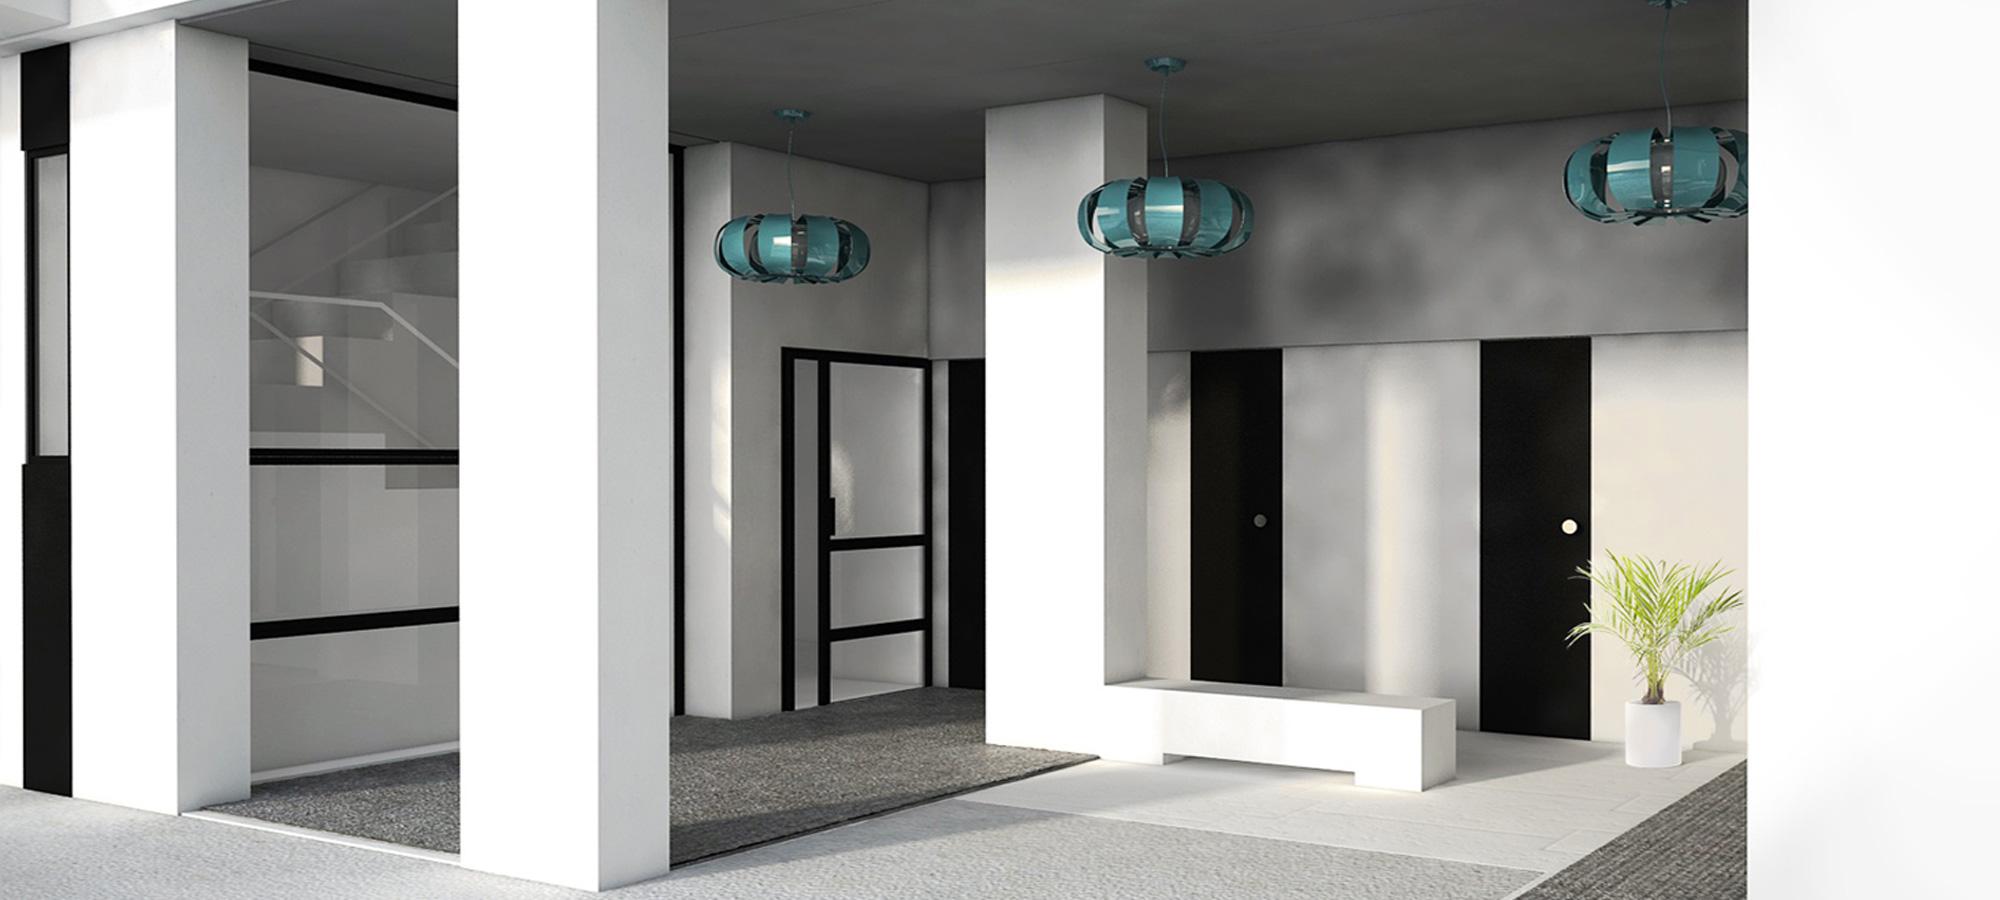 Edificio Puerta-de-Valencia-Portal